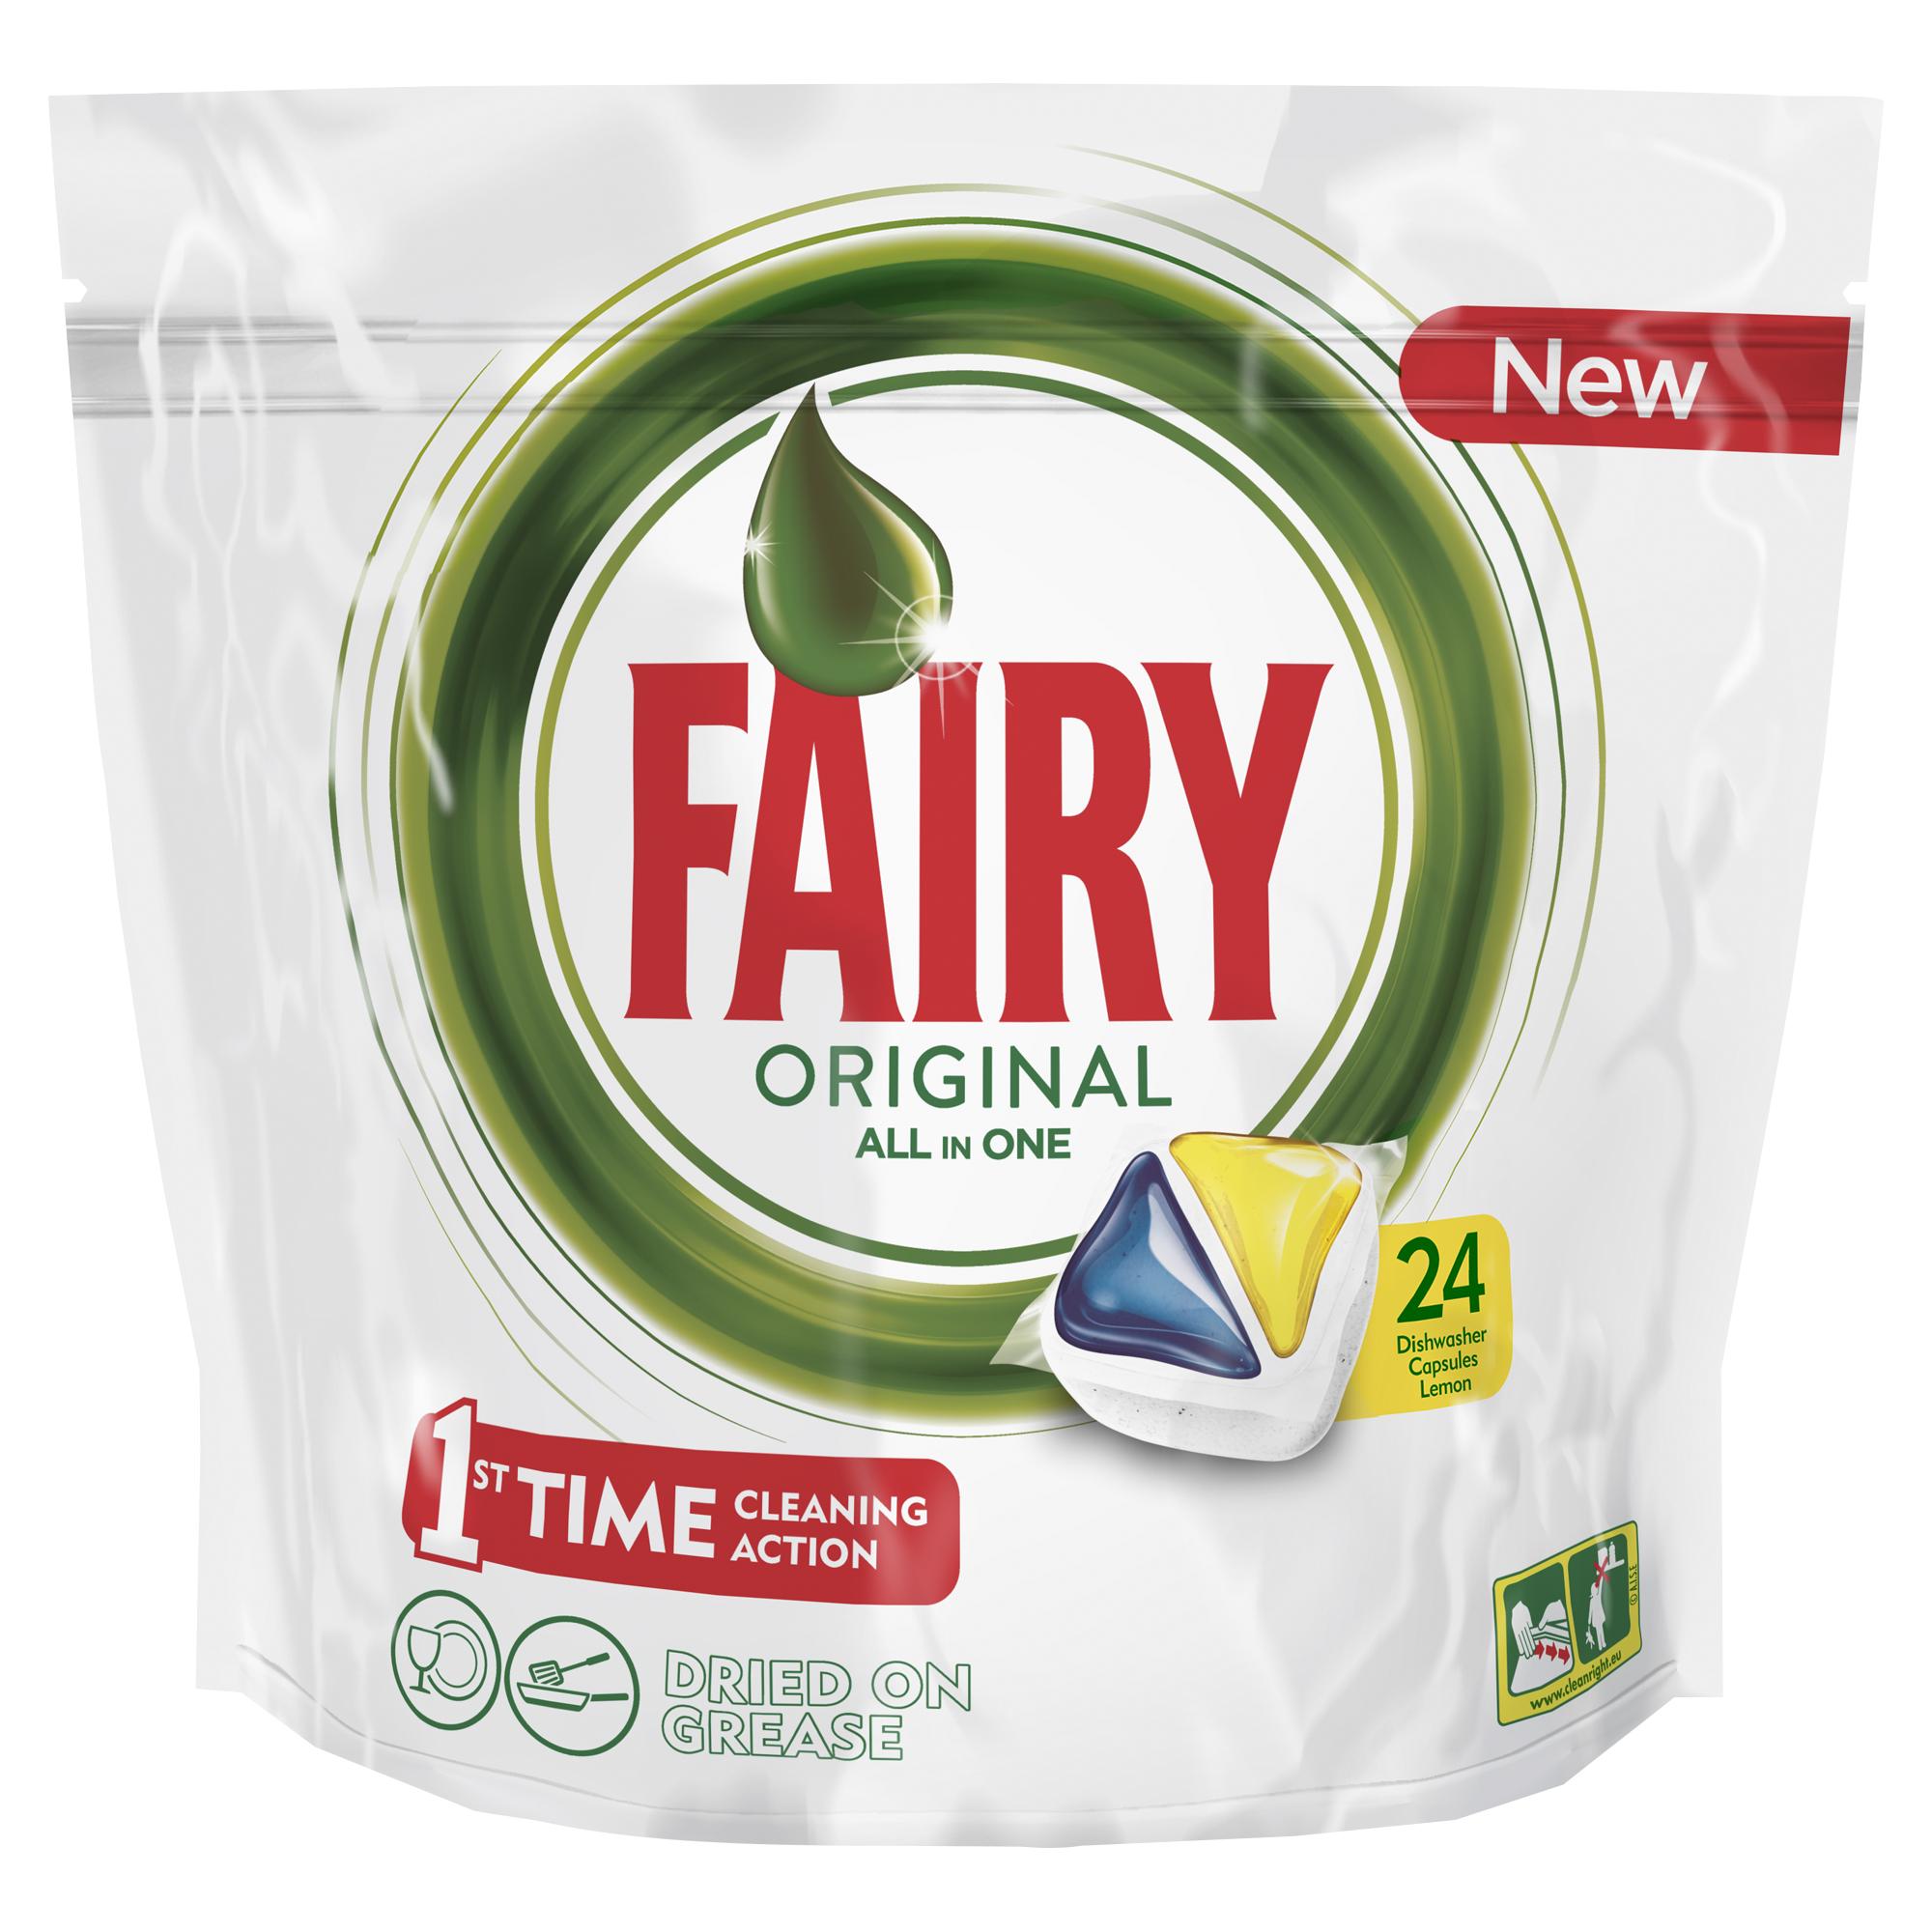 Капсулы для посудомоечной машины Fairy Original All In One. Лимон, 24 шти790009Капсулы для посудомоечной машины Fairy Original All in One идеально отмывают посуду со сложными загрязнениями с 1-го раза. Fairy Original содержит гель и порошок в одной капсуле. Капсула растворяется гораздо быстрее, чем другие таблетки для посудомоечной машины, и поэтому начинает действовать немедленно. Кроме того, капсулы Fairy очень просты в использовании – просто поместите их в посудомоечную машину (не нужно распаковывать). Сила Fairy теперь и для посудомоечных машин! Идеально чистая посуда с 1-го раза. Справляется с засохшей и пригоревшей грязью. Капсулы для посудомоечной машины Fairy Original All in One Очистит даже самые сложные загрязнения. С функцией супер-сияния посуды. С добавлением соли и ополаскивателя, а так же с защитой стекла и серебра. Сохраняет приятный запах в посудомоечной машине С жидким моющим средством для борьбы со сложным жиром. Произведено и протестировано для использования во всех посудомоечных машинах. Готовы к использованию. Не нужно разворачивать. 1 капсула = 1 загрузка. Поместите капсулу в отсек для моющего средства и сразу закройте. Брать капсулу только сухими руками. Не разворачивайте и не прокалывайте капсулу. Закрывайте пакет после каждого использования.